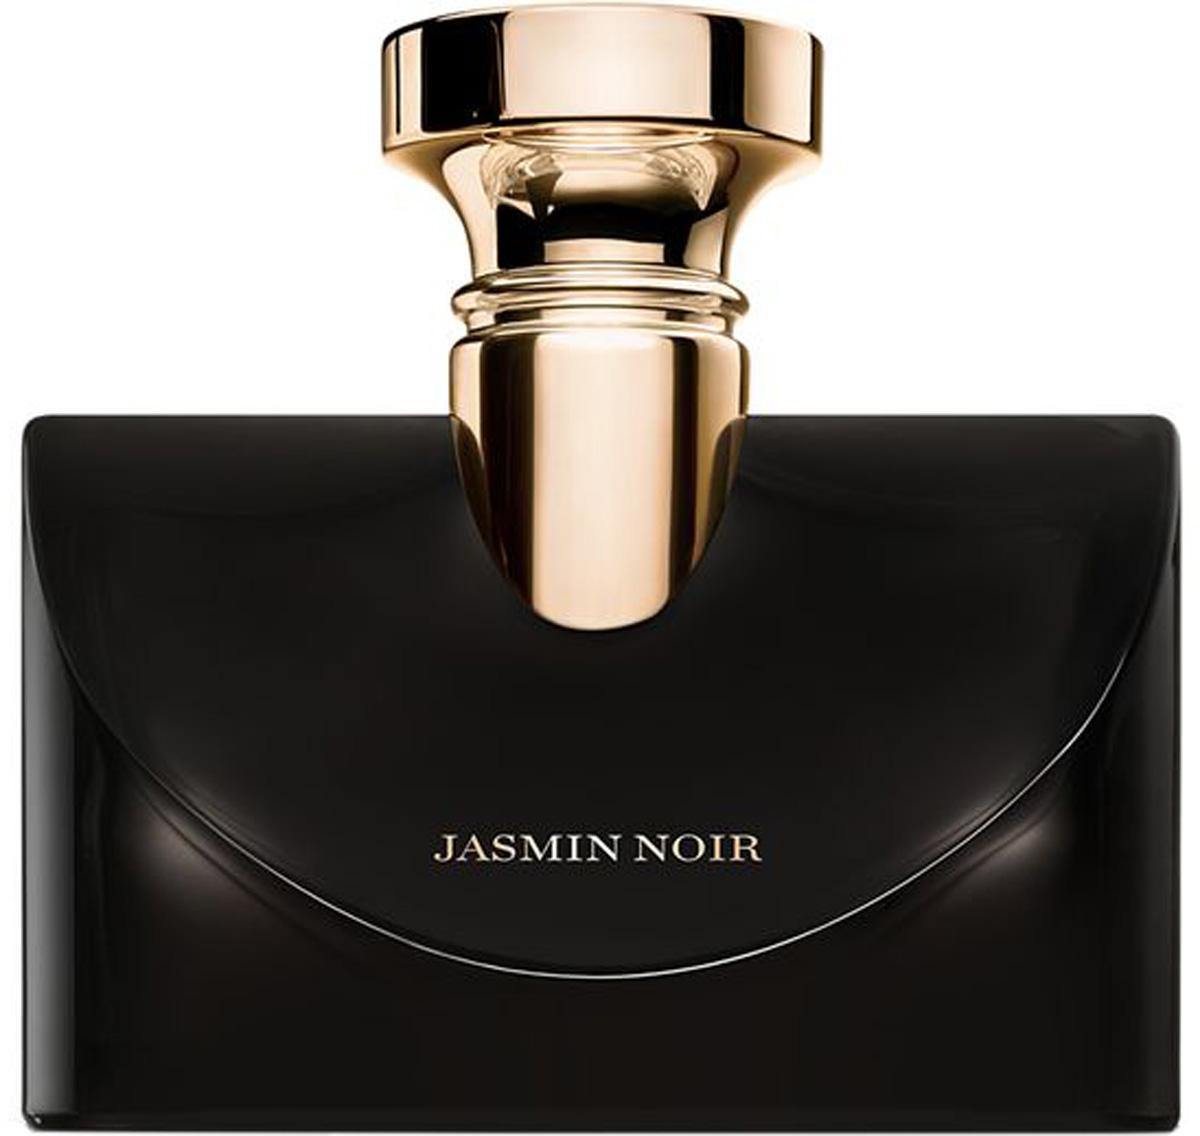 Bvlgari Splendida Jasmin Noir Парфюмерная вода женская, 30 мл97787BVLSplendida Jasmin Noir — это новое издание аромата для женщин от BVLGARI. Jasmin Noir - изящное и безупречное воплощение итальянских ювелирных традиций престижа и роскоши.